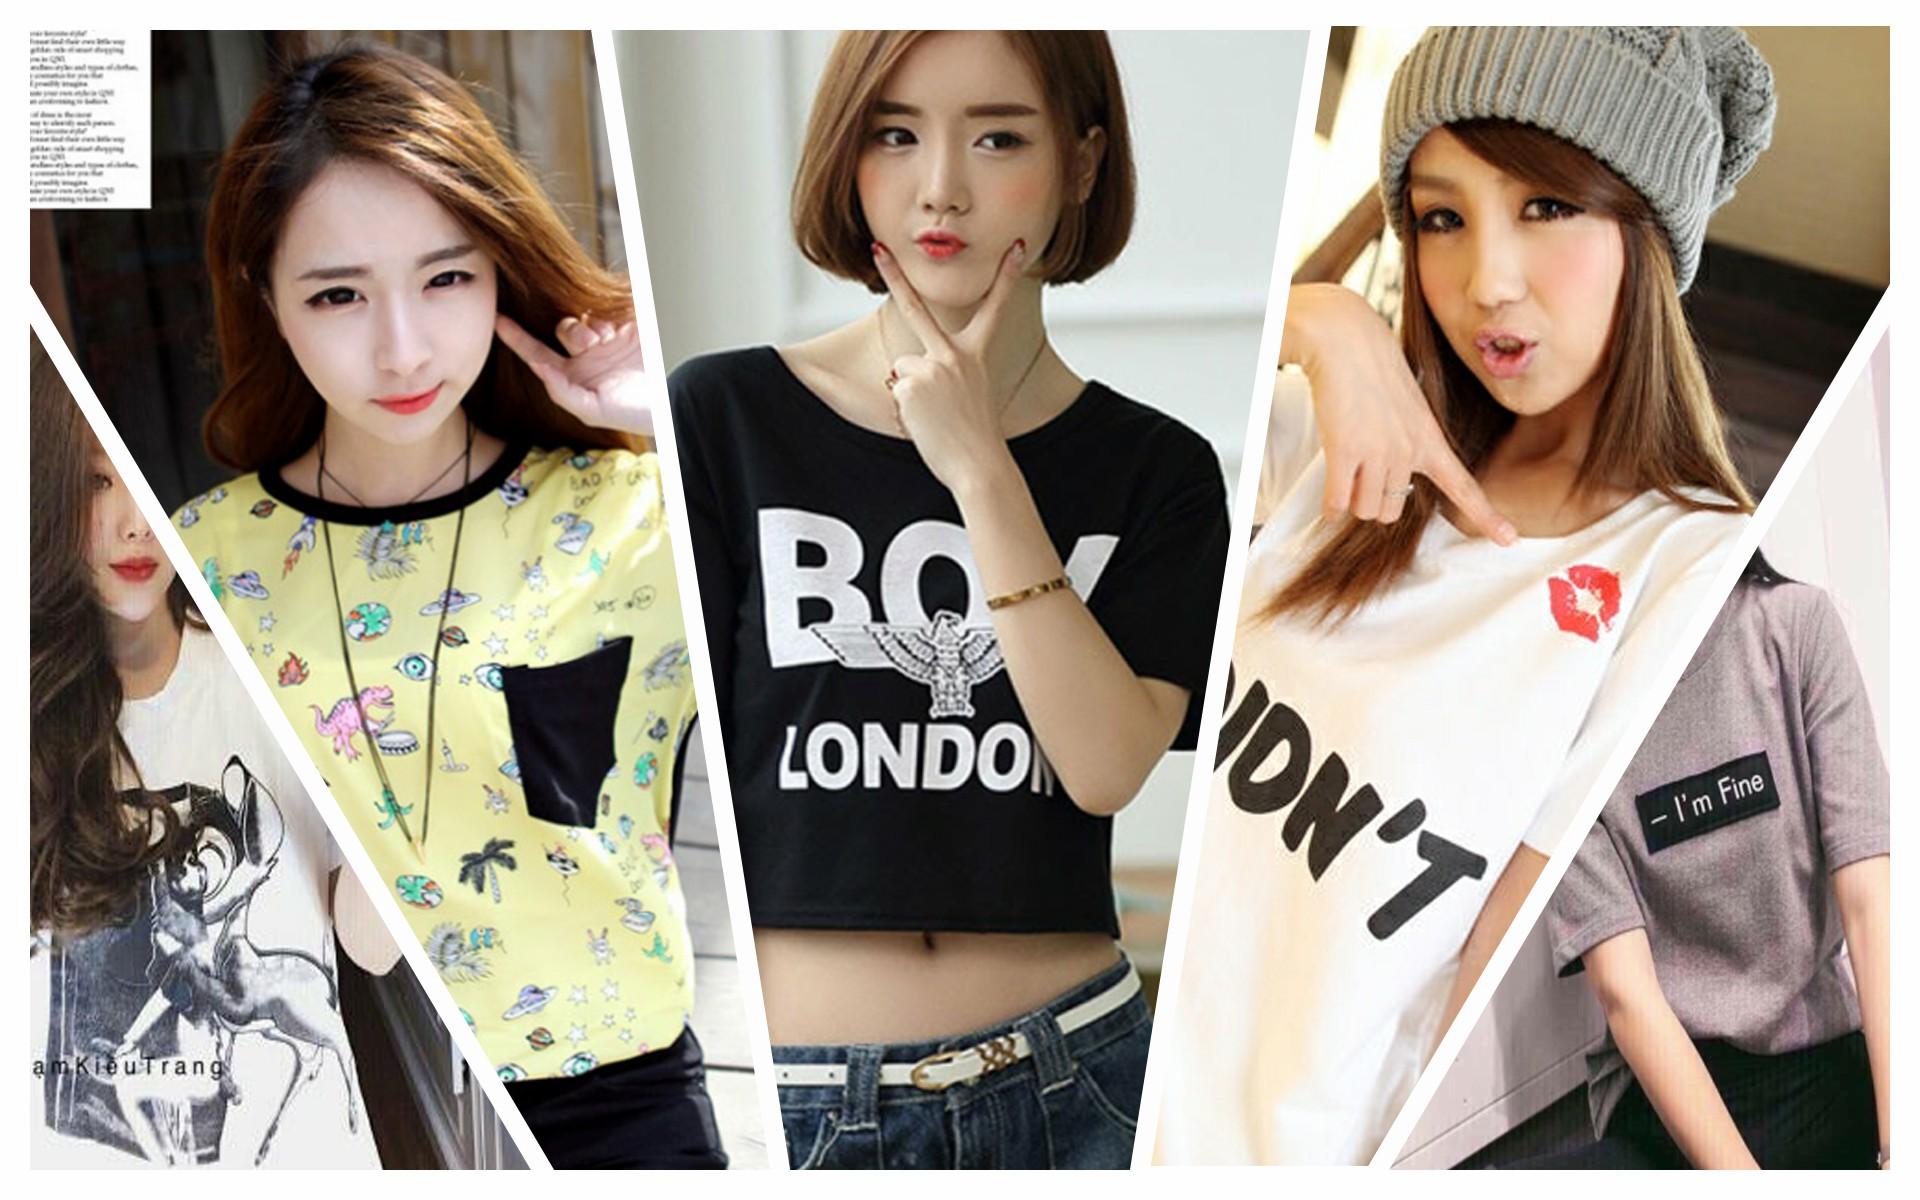 tong hop cac kieu ao thun nu moi nhat de thuong han quoc 2 - Tổng hợp các kiểu áo thun nữ mới nhất Hàn Quốc